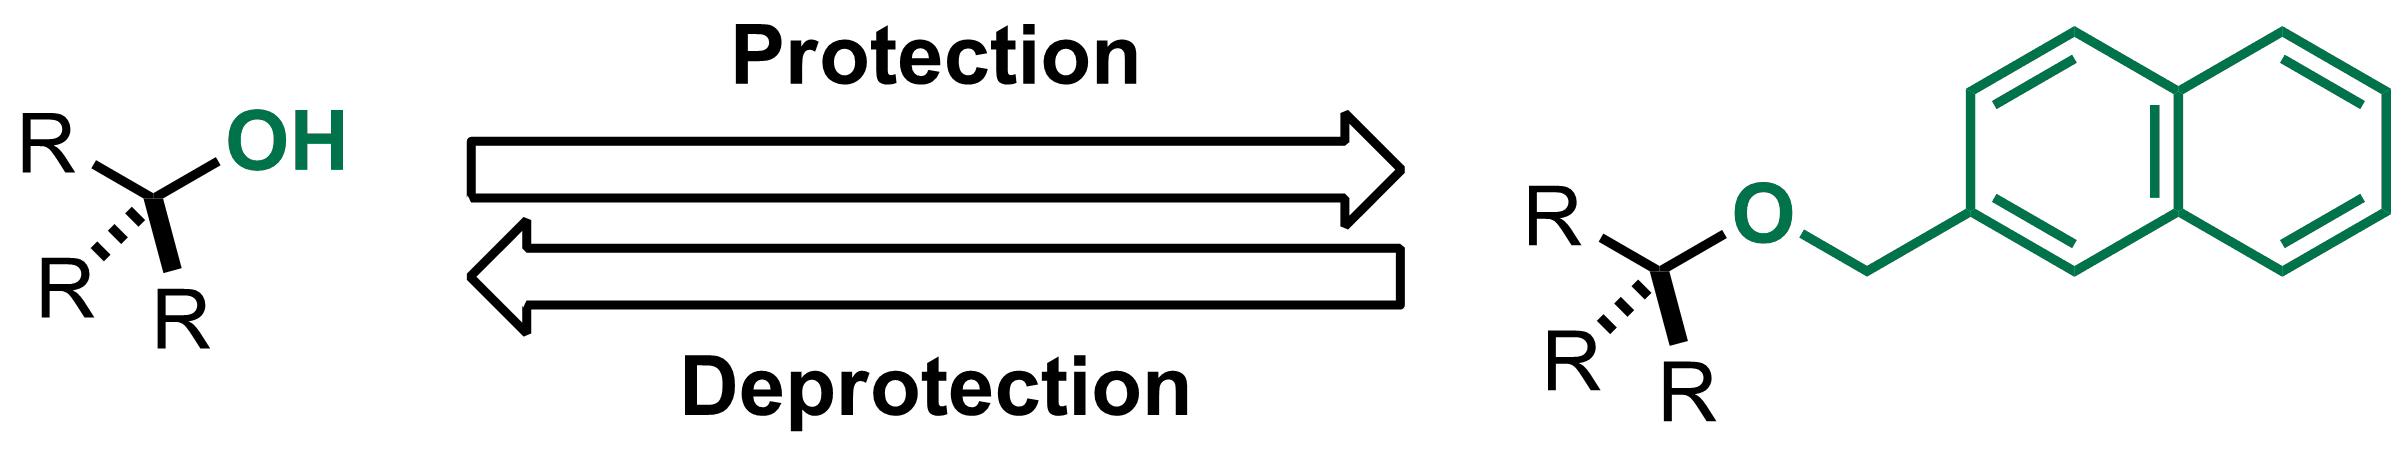 2-Naphthylmethyl ether (Nap) scheme